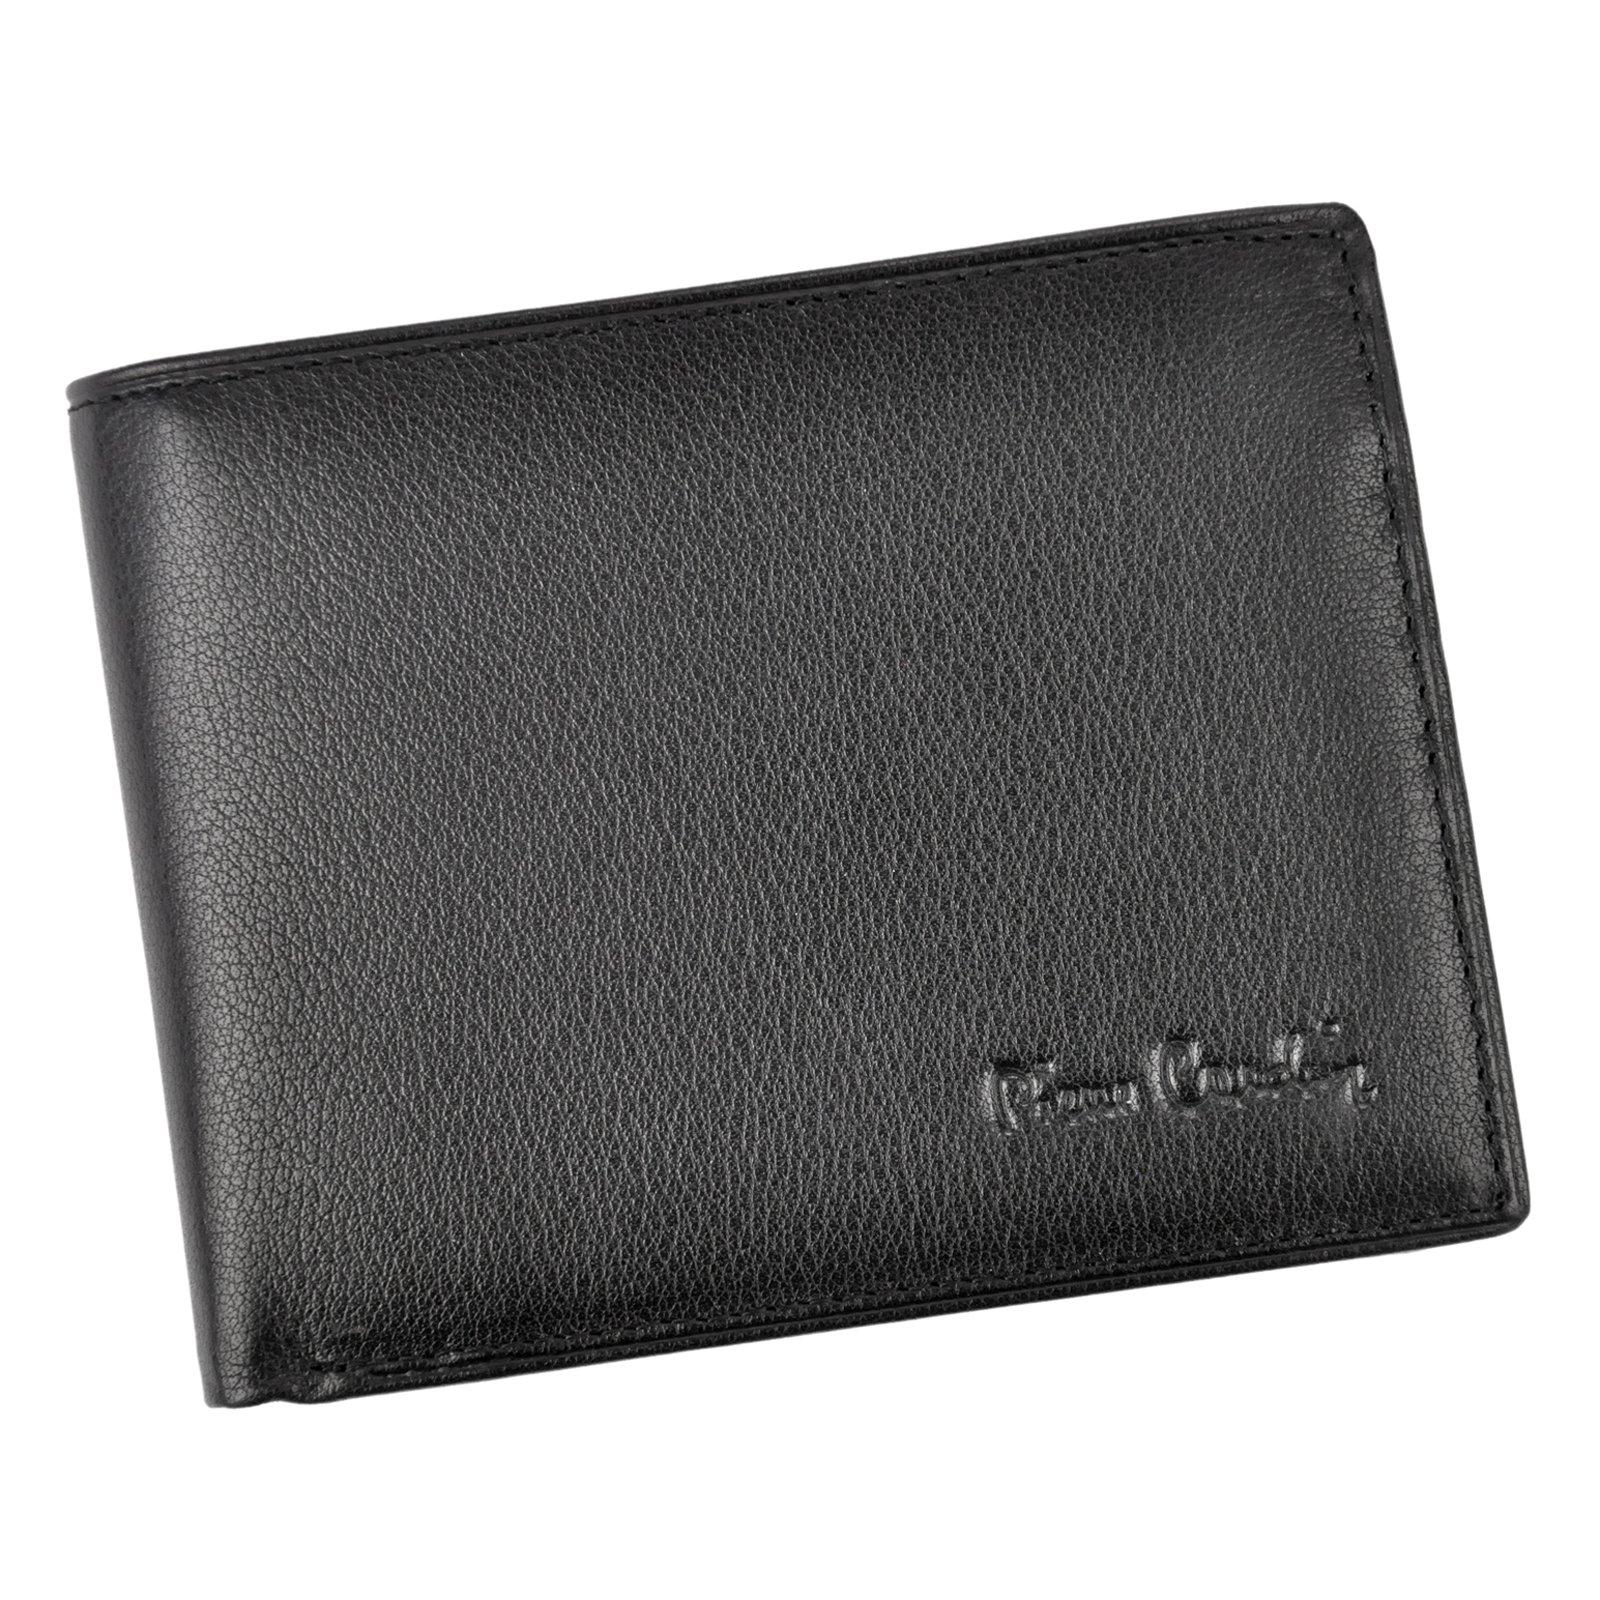 Pánska kožená peňaženka Pierre Cardin PSP00 8806